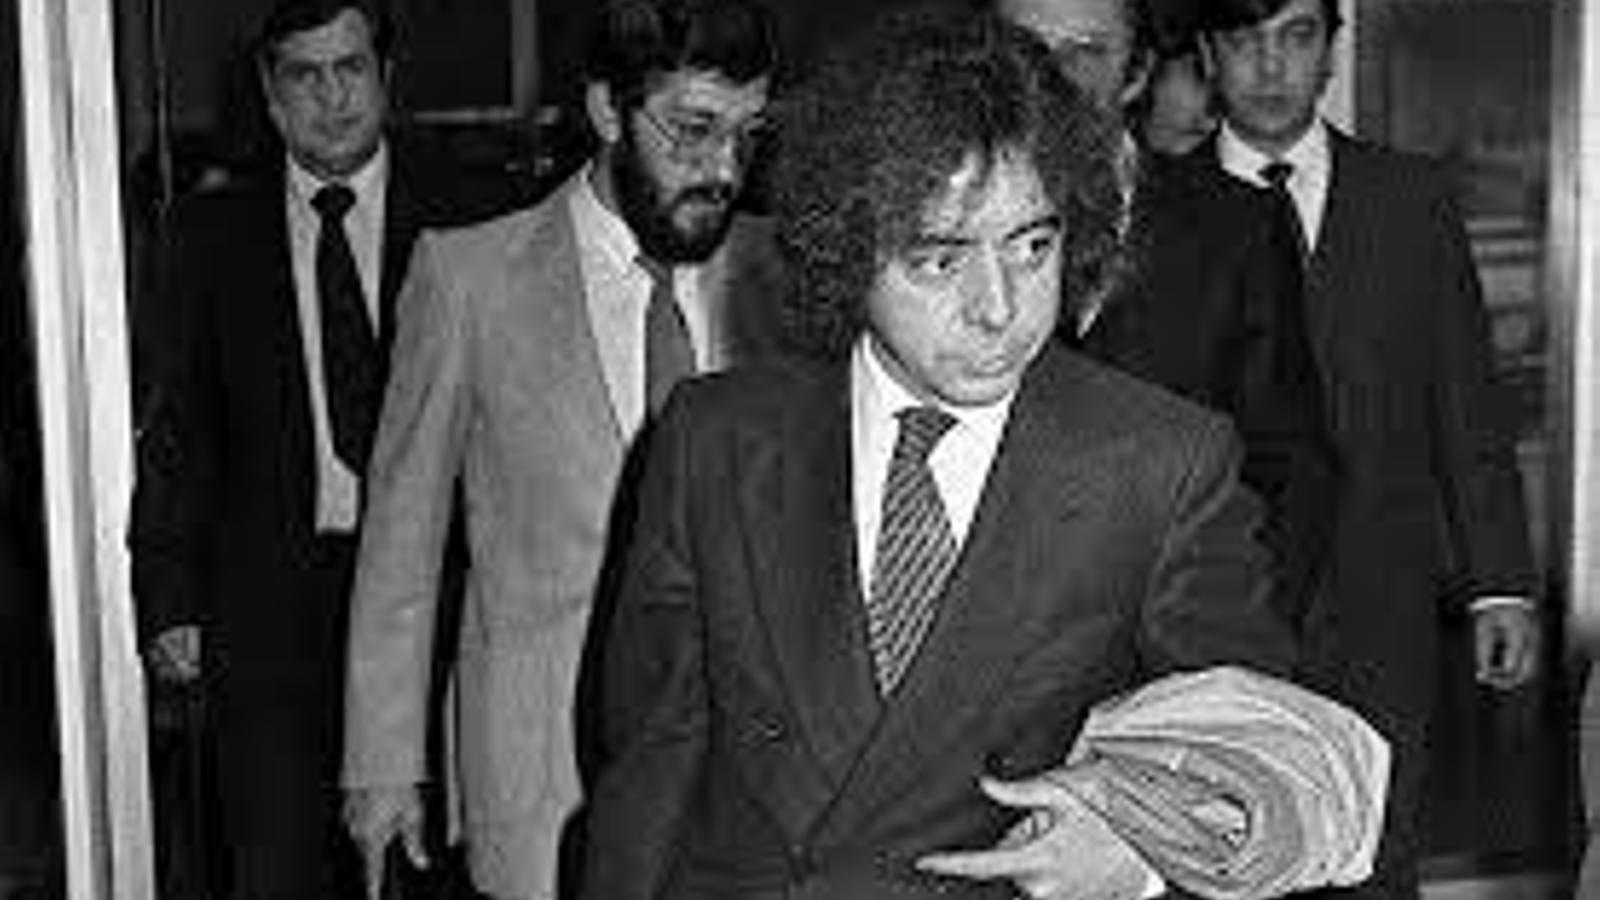 Més de 266.000 firmes per retirar la medalla al torturador Billy el Niño